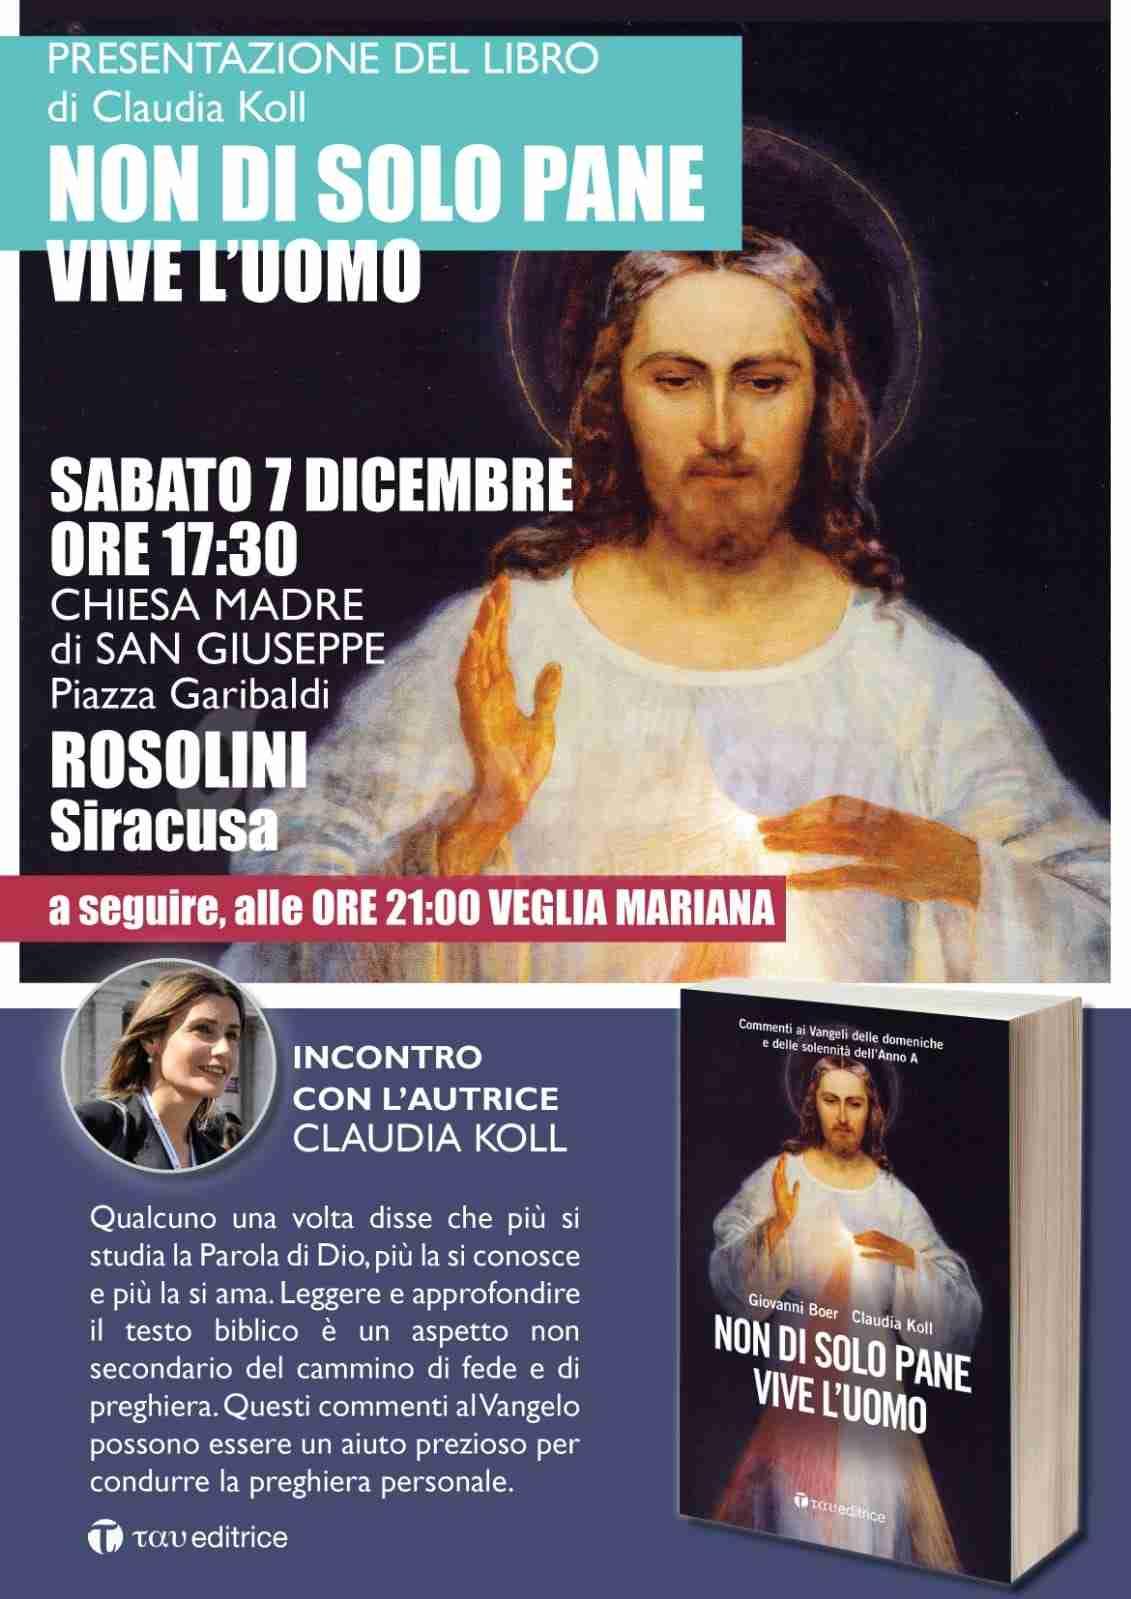 Il 7 dicembre Claudia Koll ospite in Chiesa Madre per presentare il suo nuovo libro